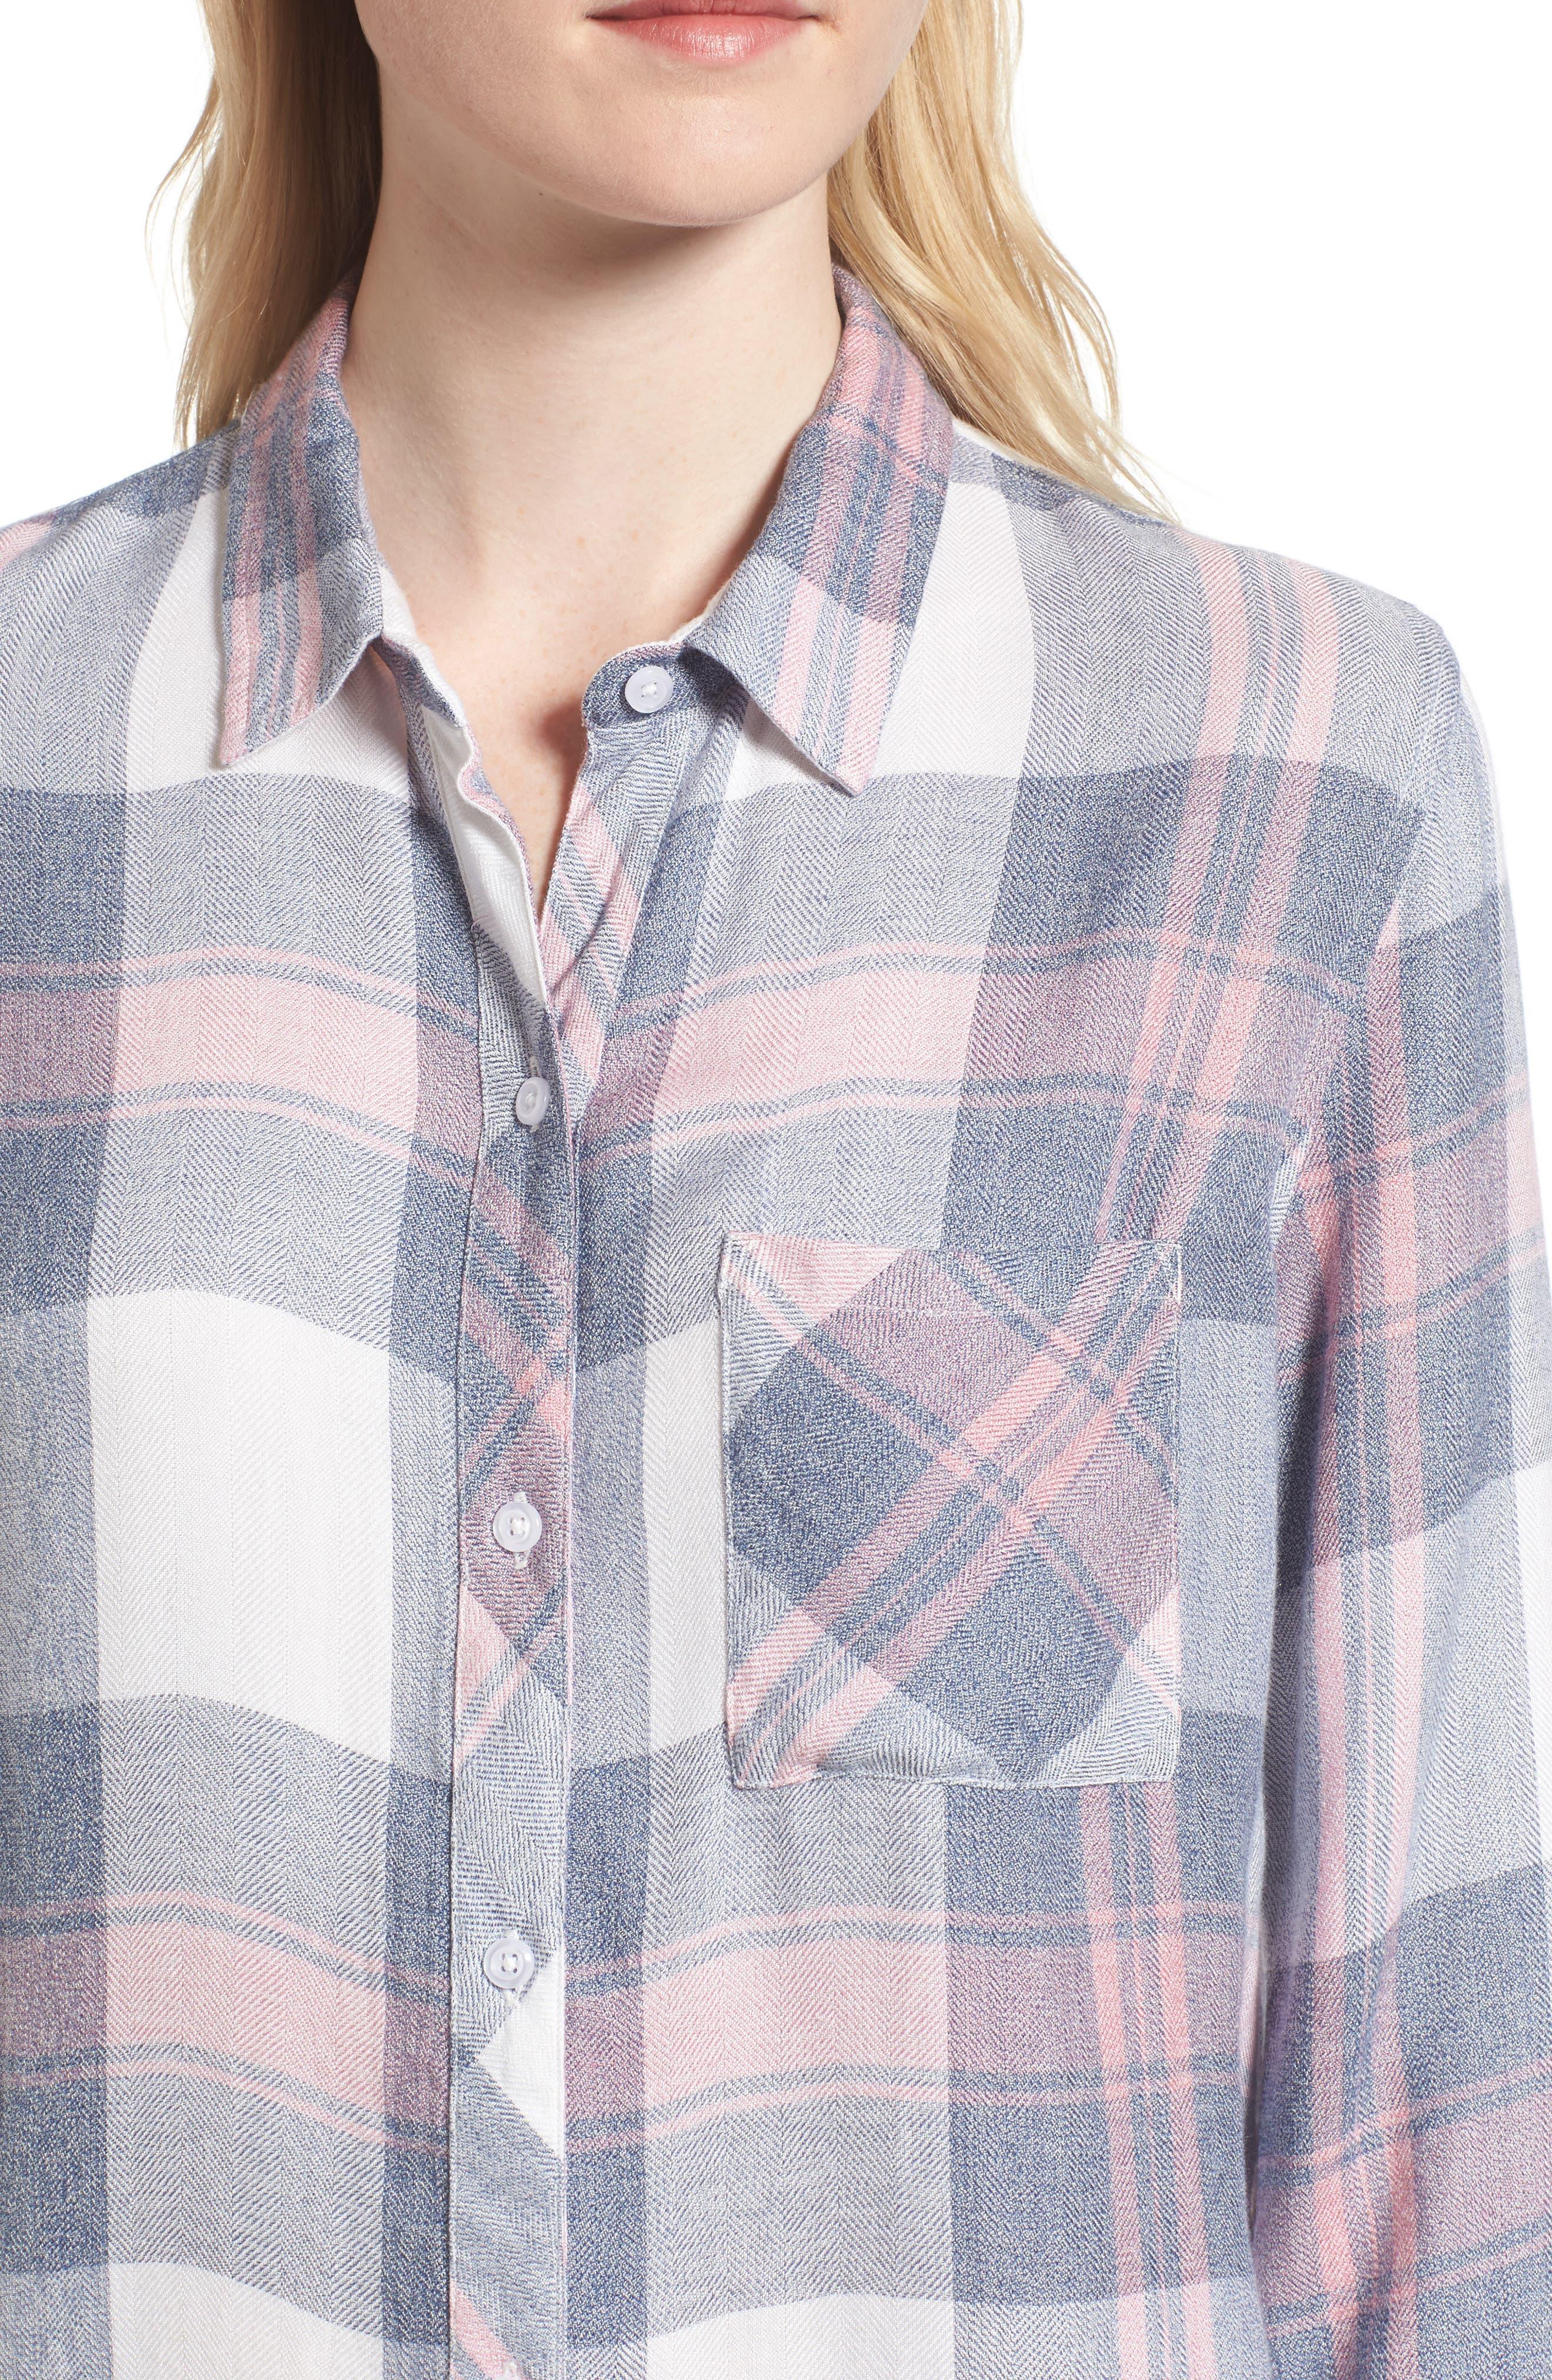 Hunter Plaid Shirt,                             Alternate thumbnail 483, color,